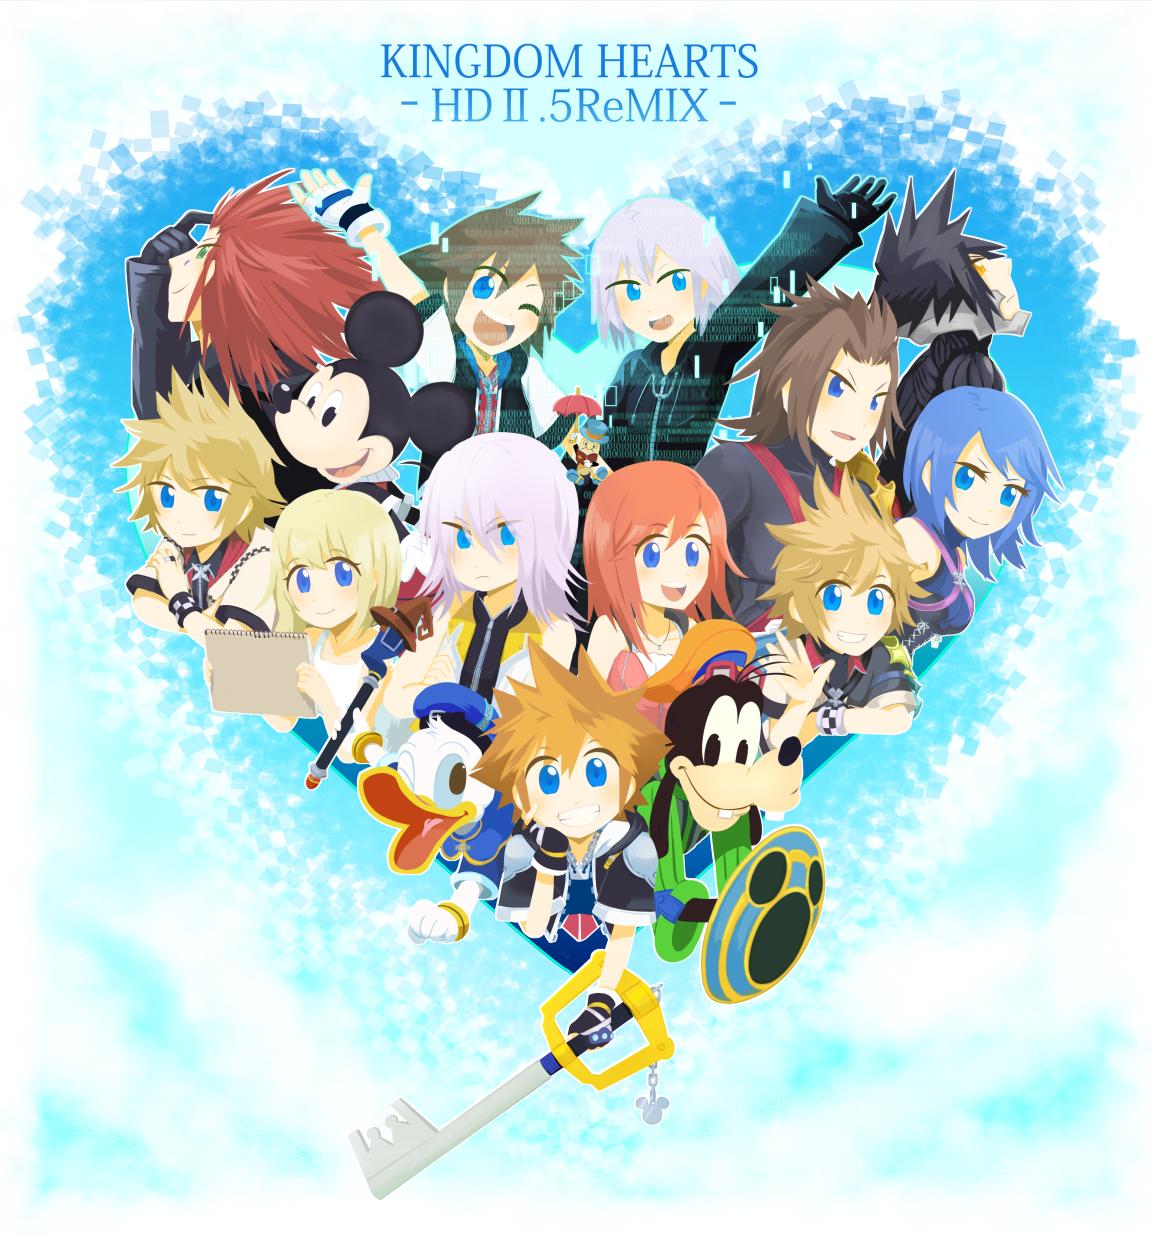 Kingdom Hearts Namine And Kairi Anime Kingdom Hearts Series/...